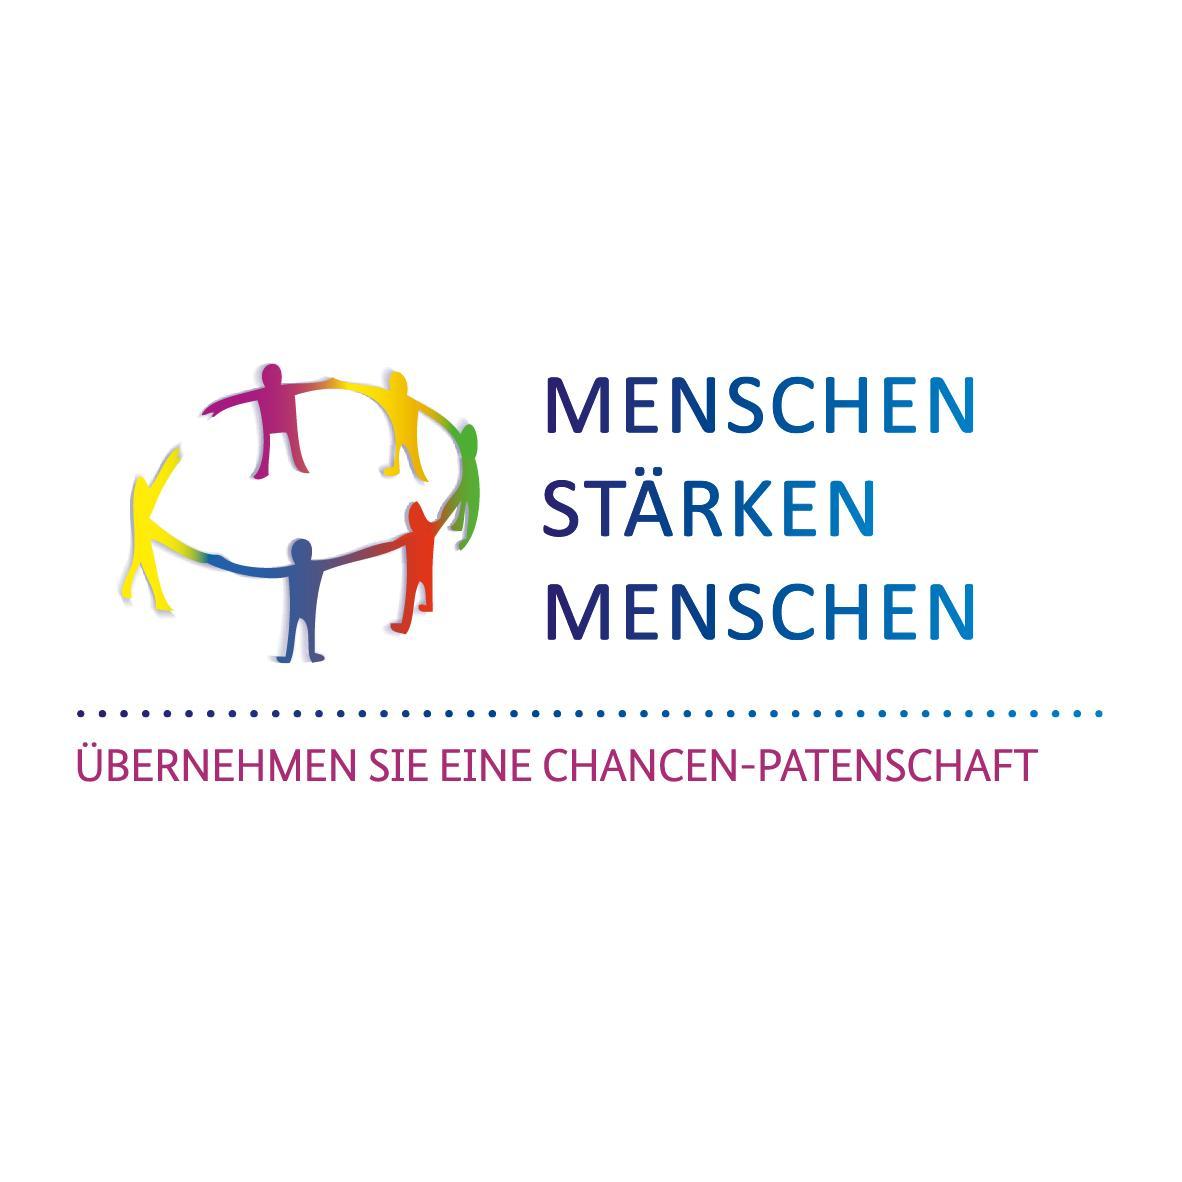 MSM Patenschaftsprogramm